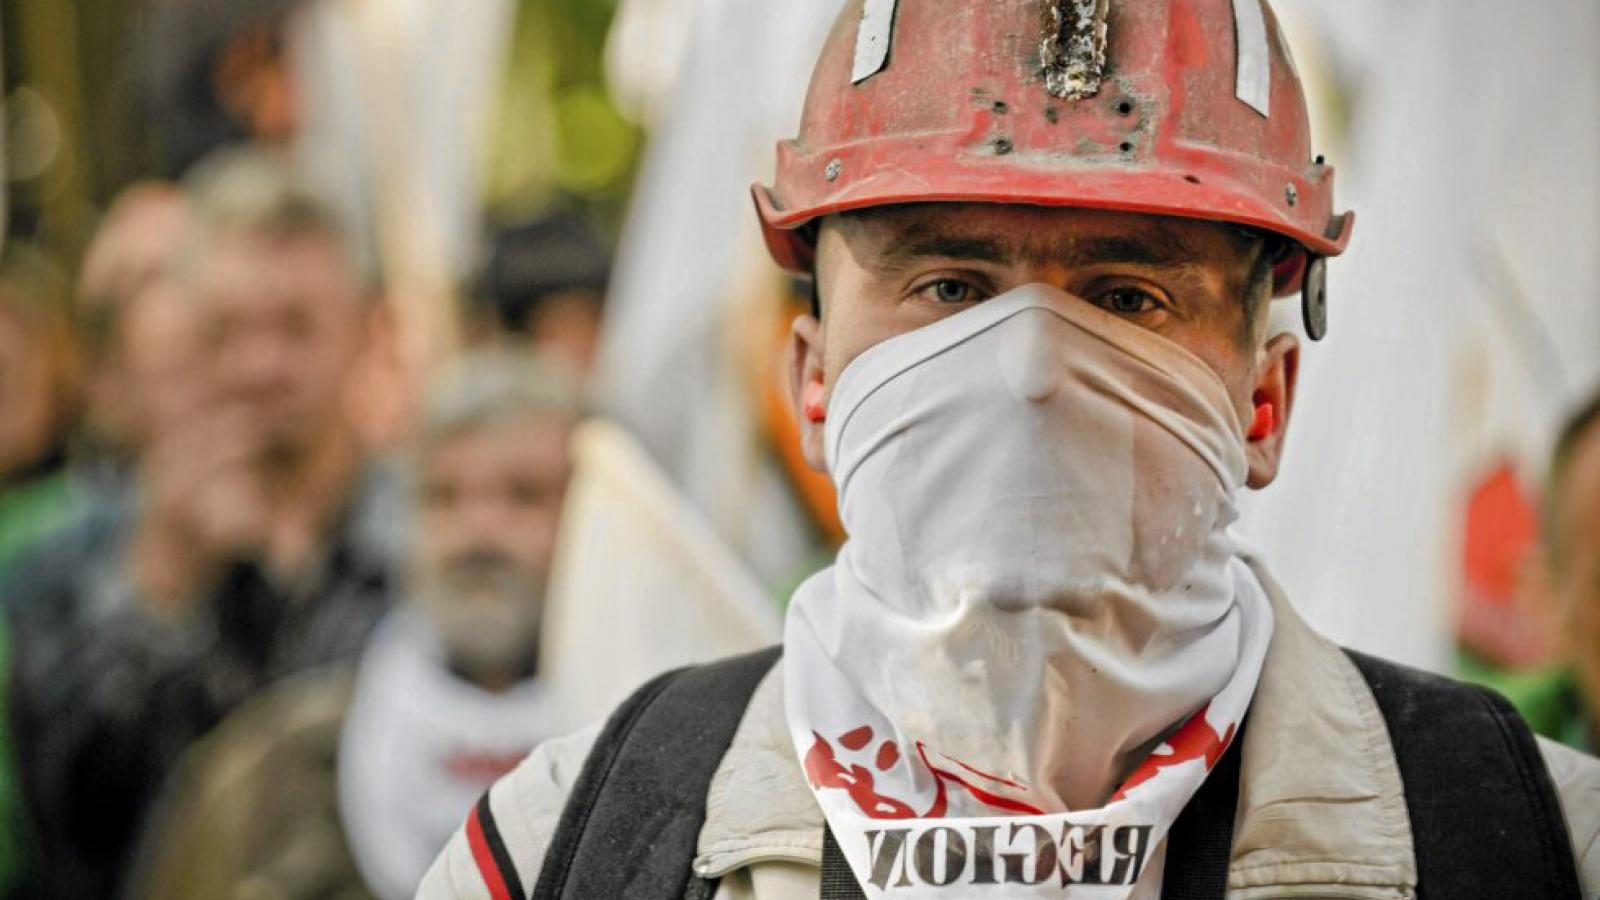 Hàng trăm công nhân khai thác than đình công gây sức ép lên chính phủBa Lan